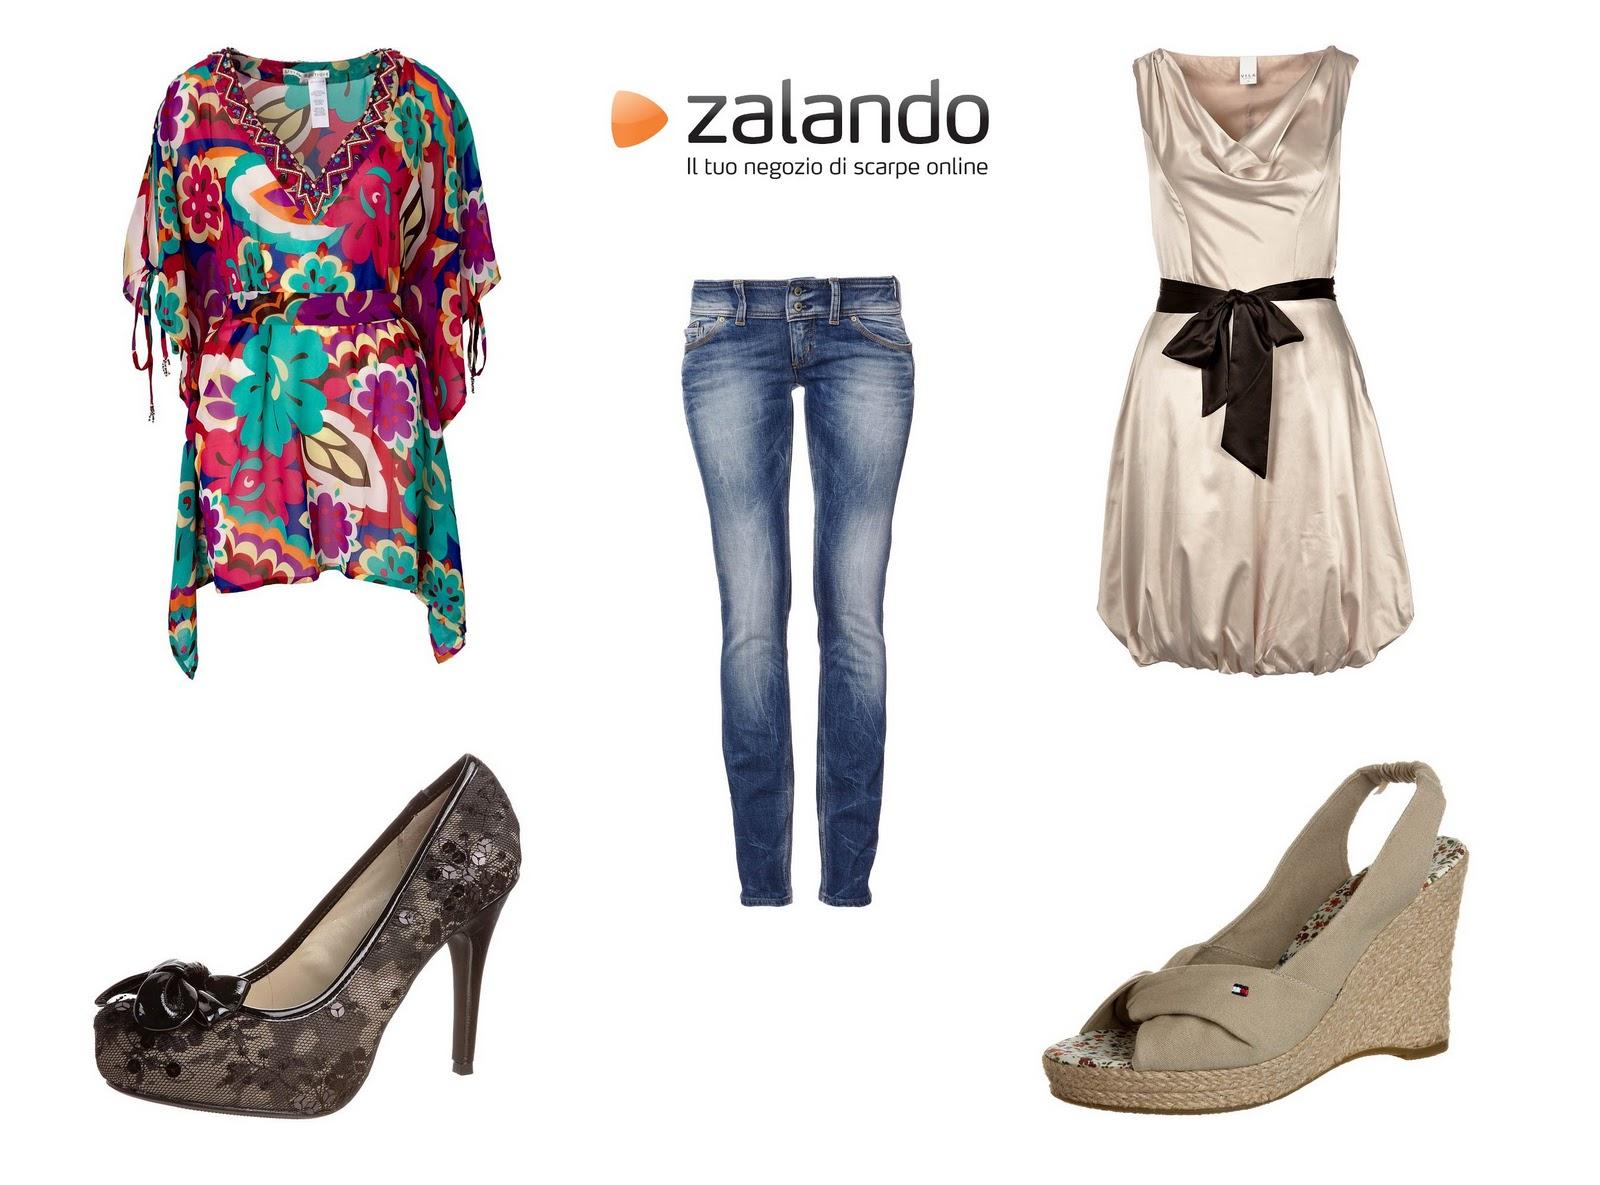 newest collection 69396 1ed3c Che cos'è Zalando? | Notizie.it